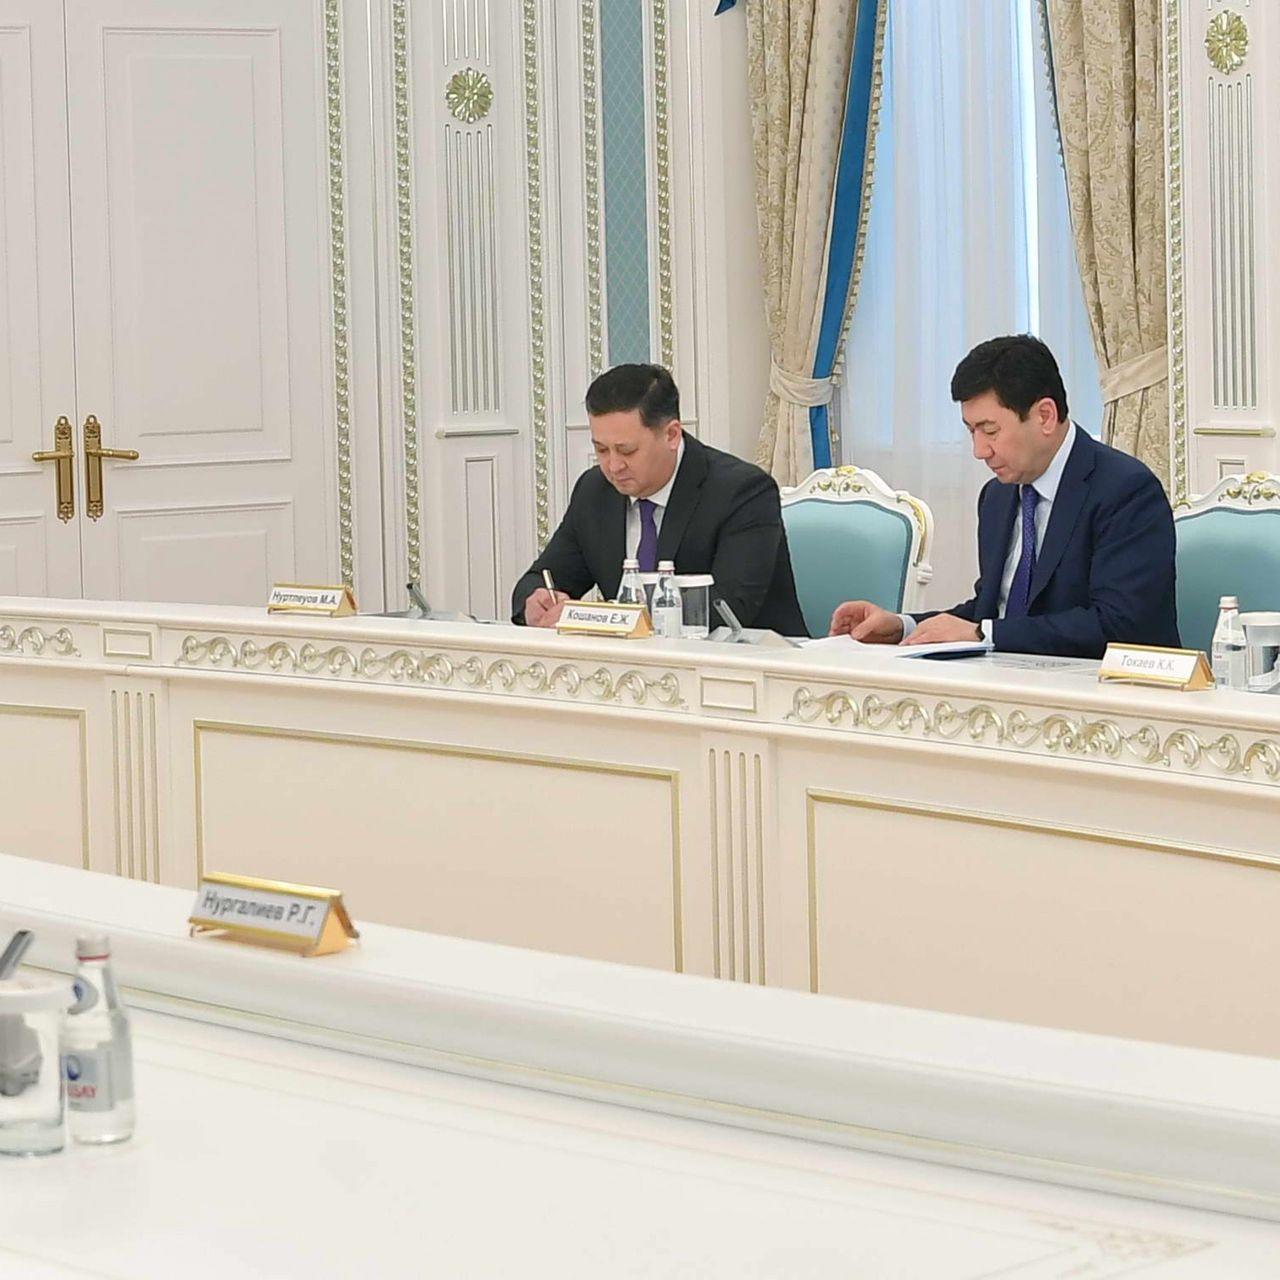 Қазақстан Президенті Ресей Федерациясының Қауіпсіздік кеңесі төрағасының орынбасары Дмитрий Медведевпен кездесті